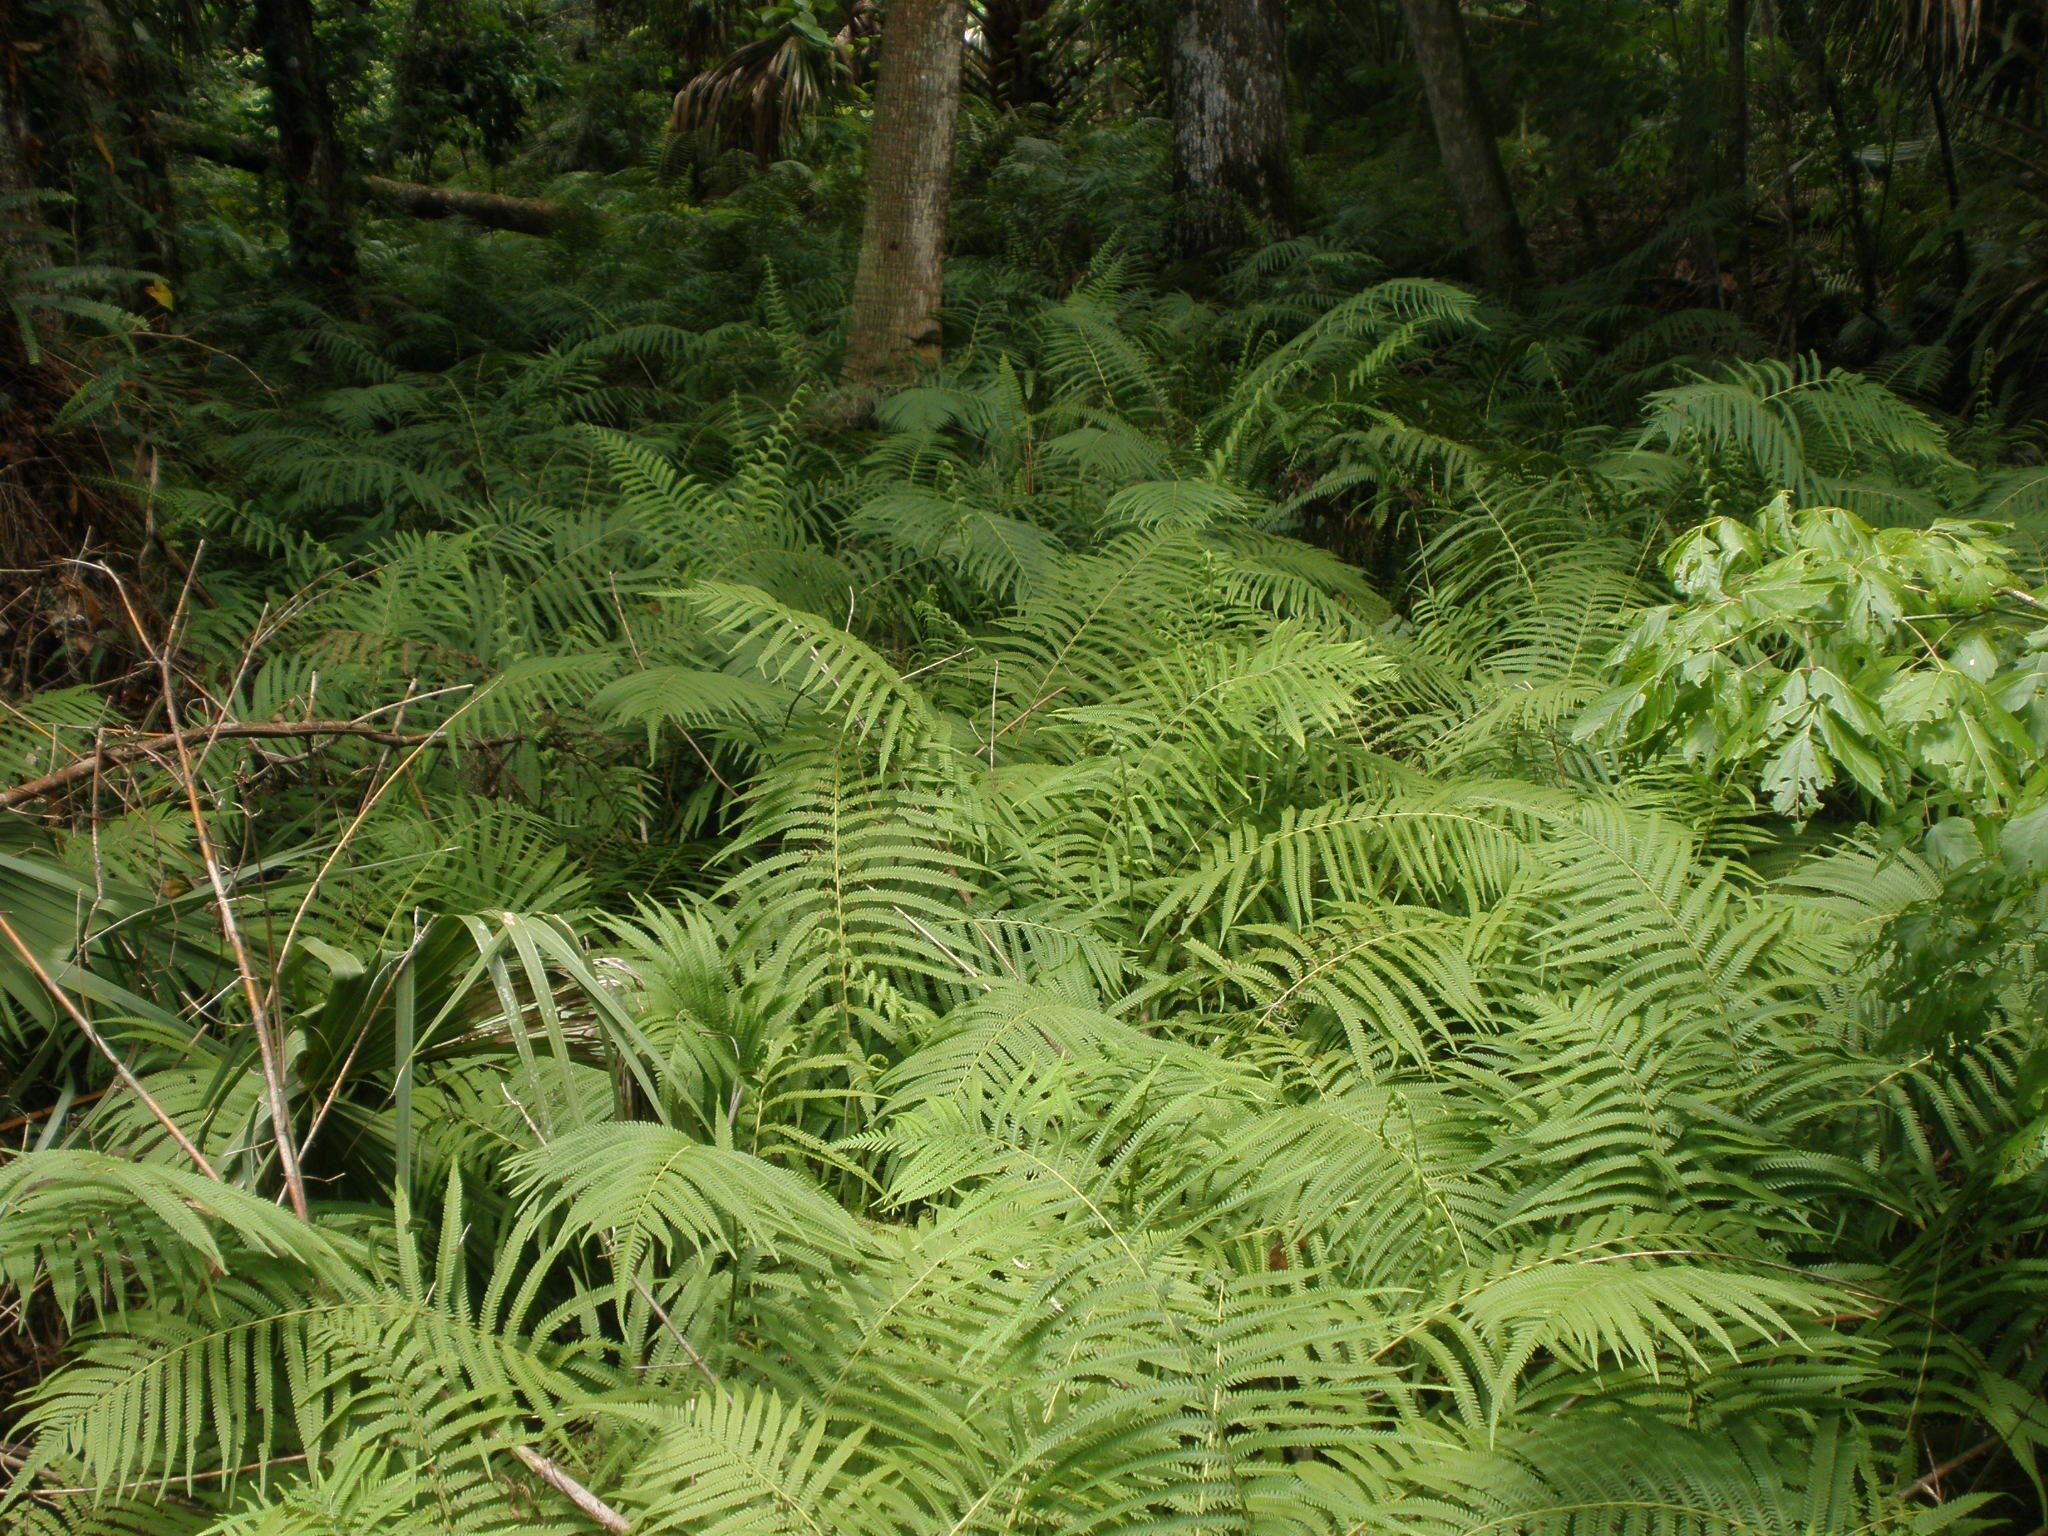 15005 Hintergrundbild herunterladen Pflanzen, Farne - Bildschirmschoner und Bilder kostenlos